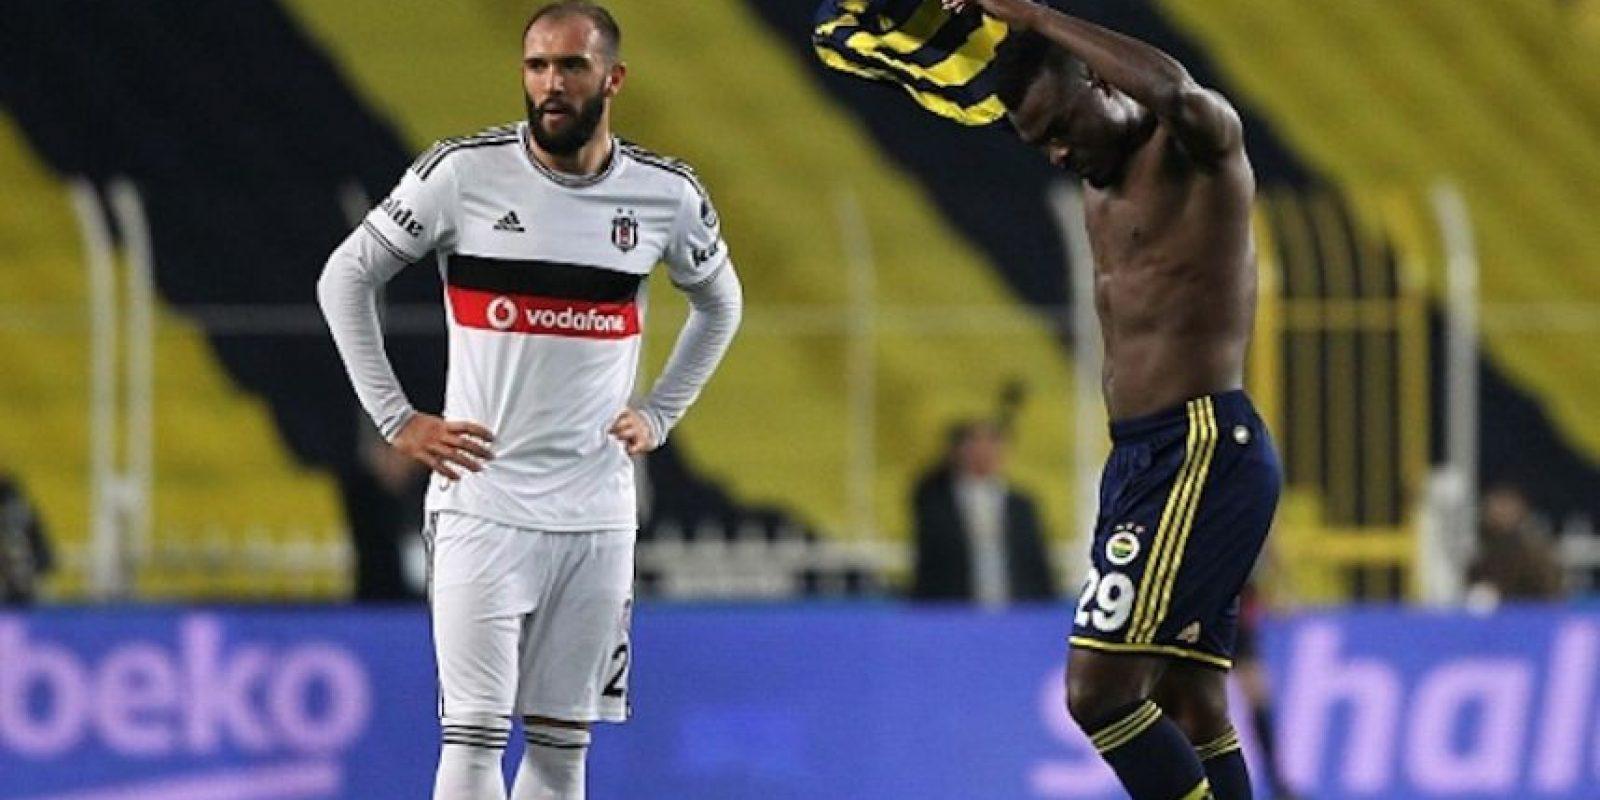 El nigeriano pidió su cambio, pero el entrenador no aceptó. Foto:Getty Images